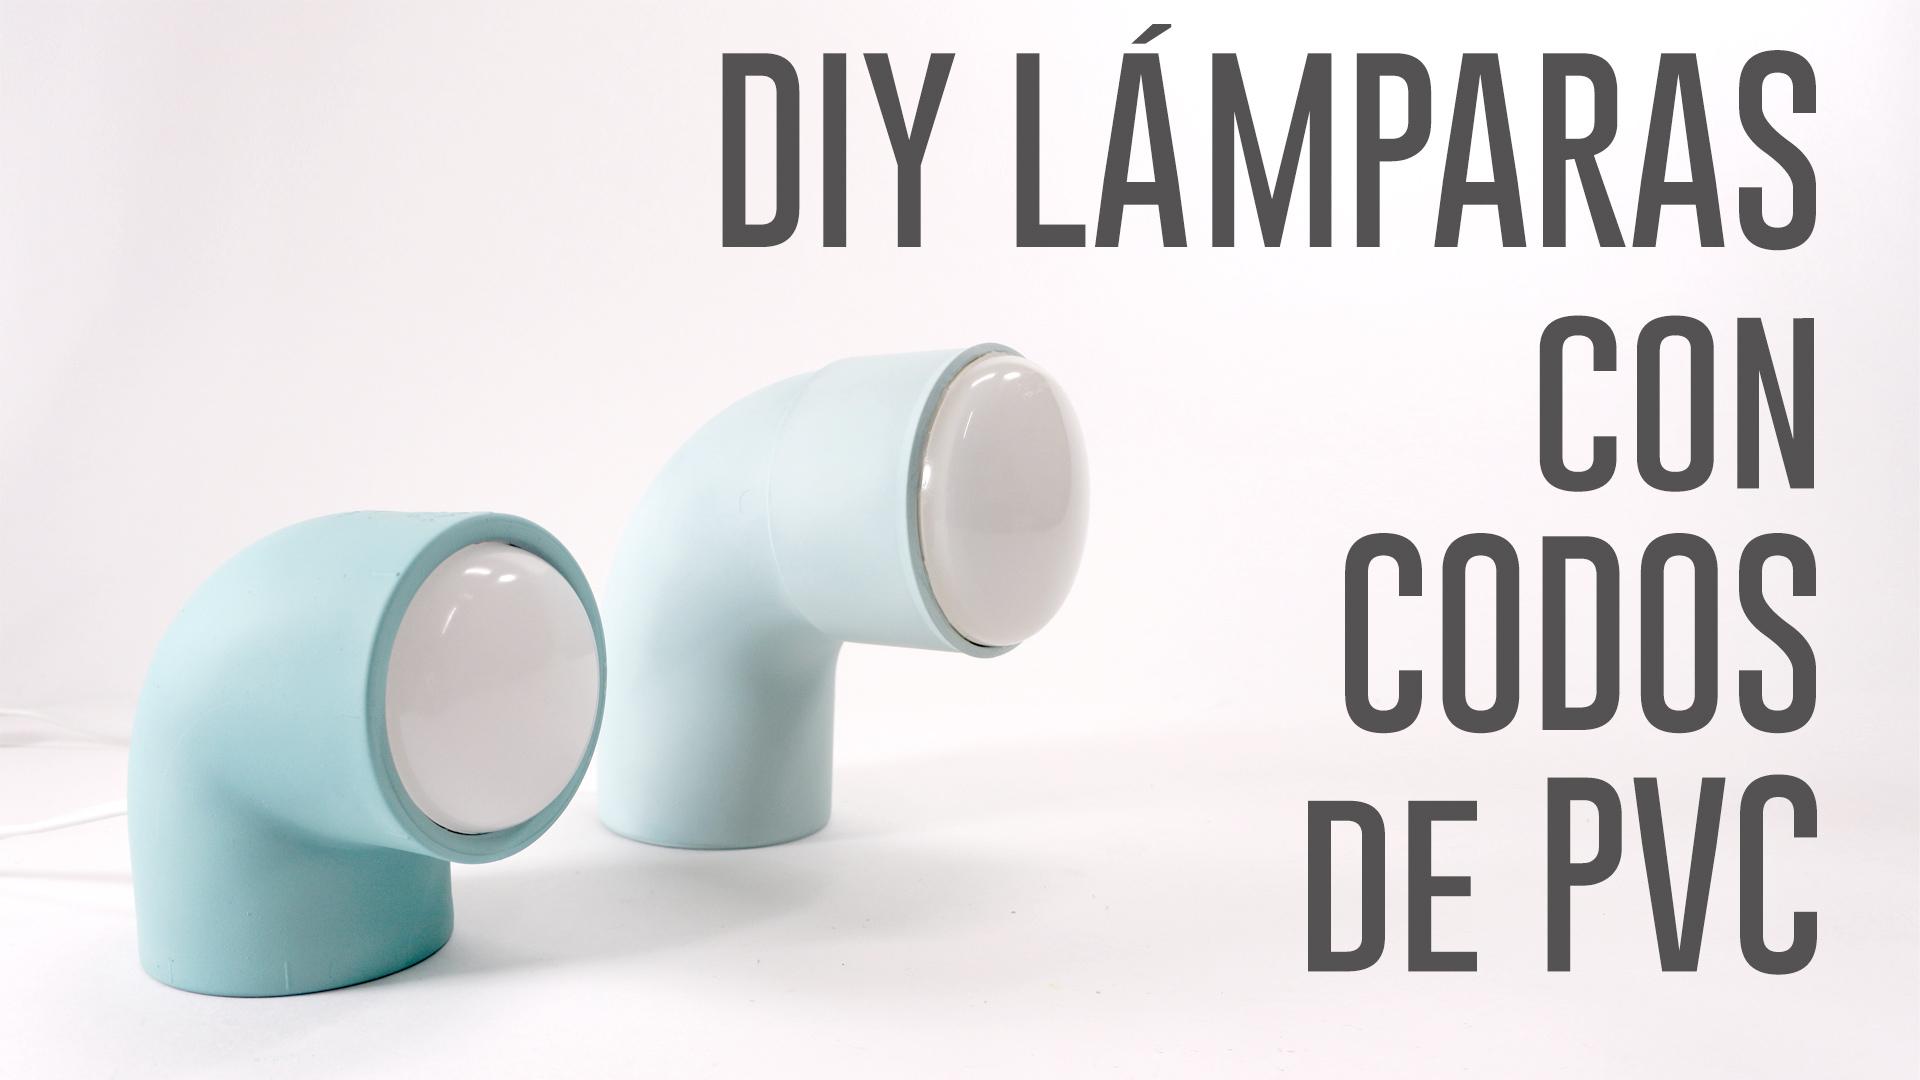 DIY CODOS PVC.Imagen fija001